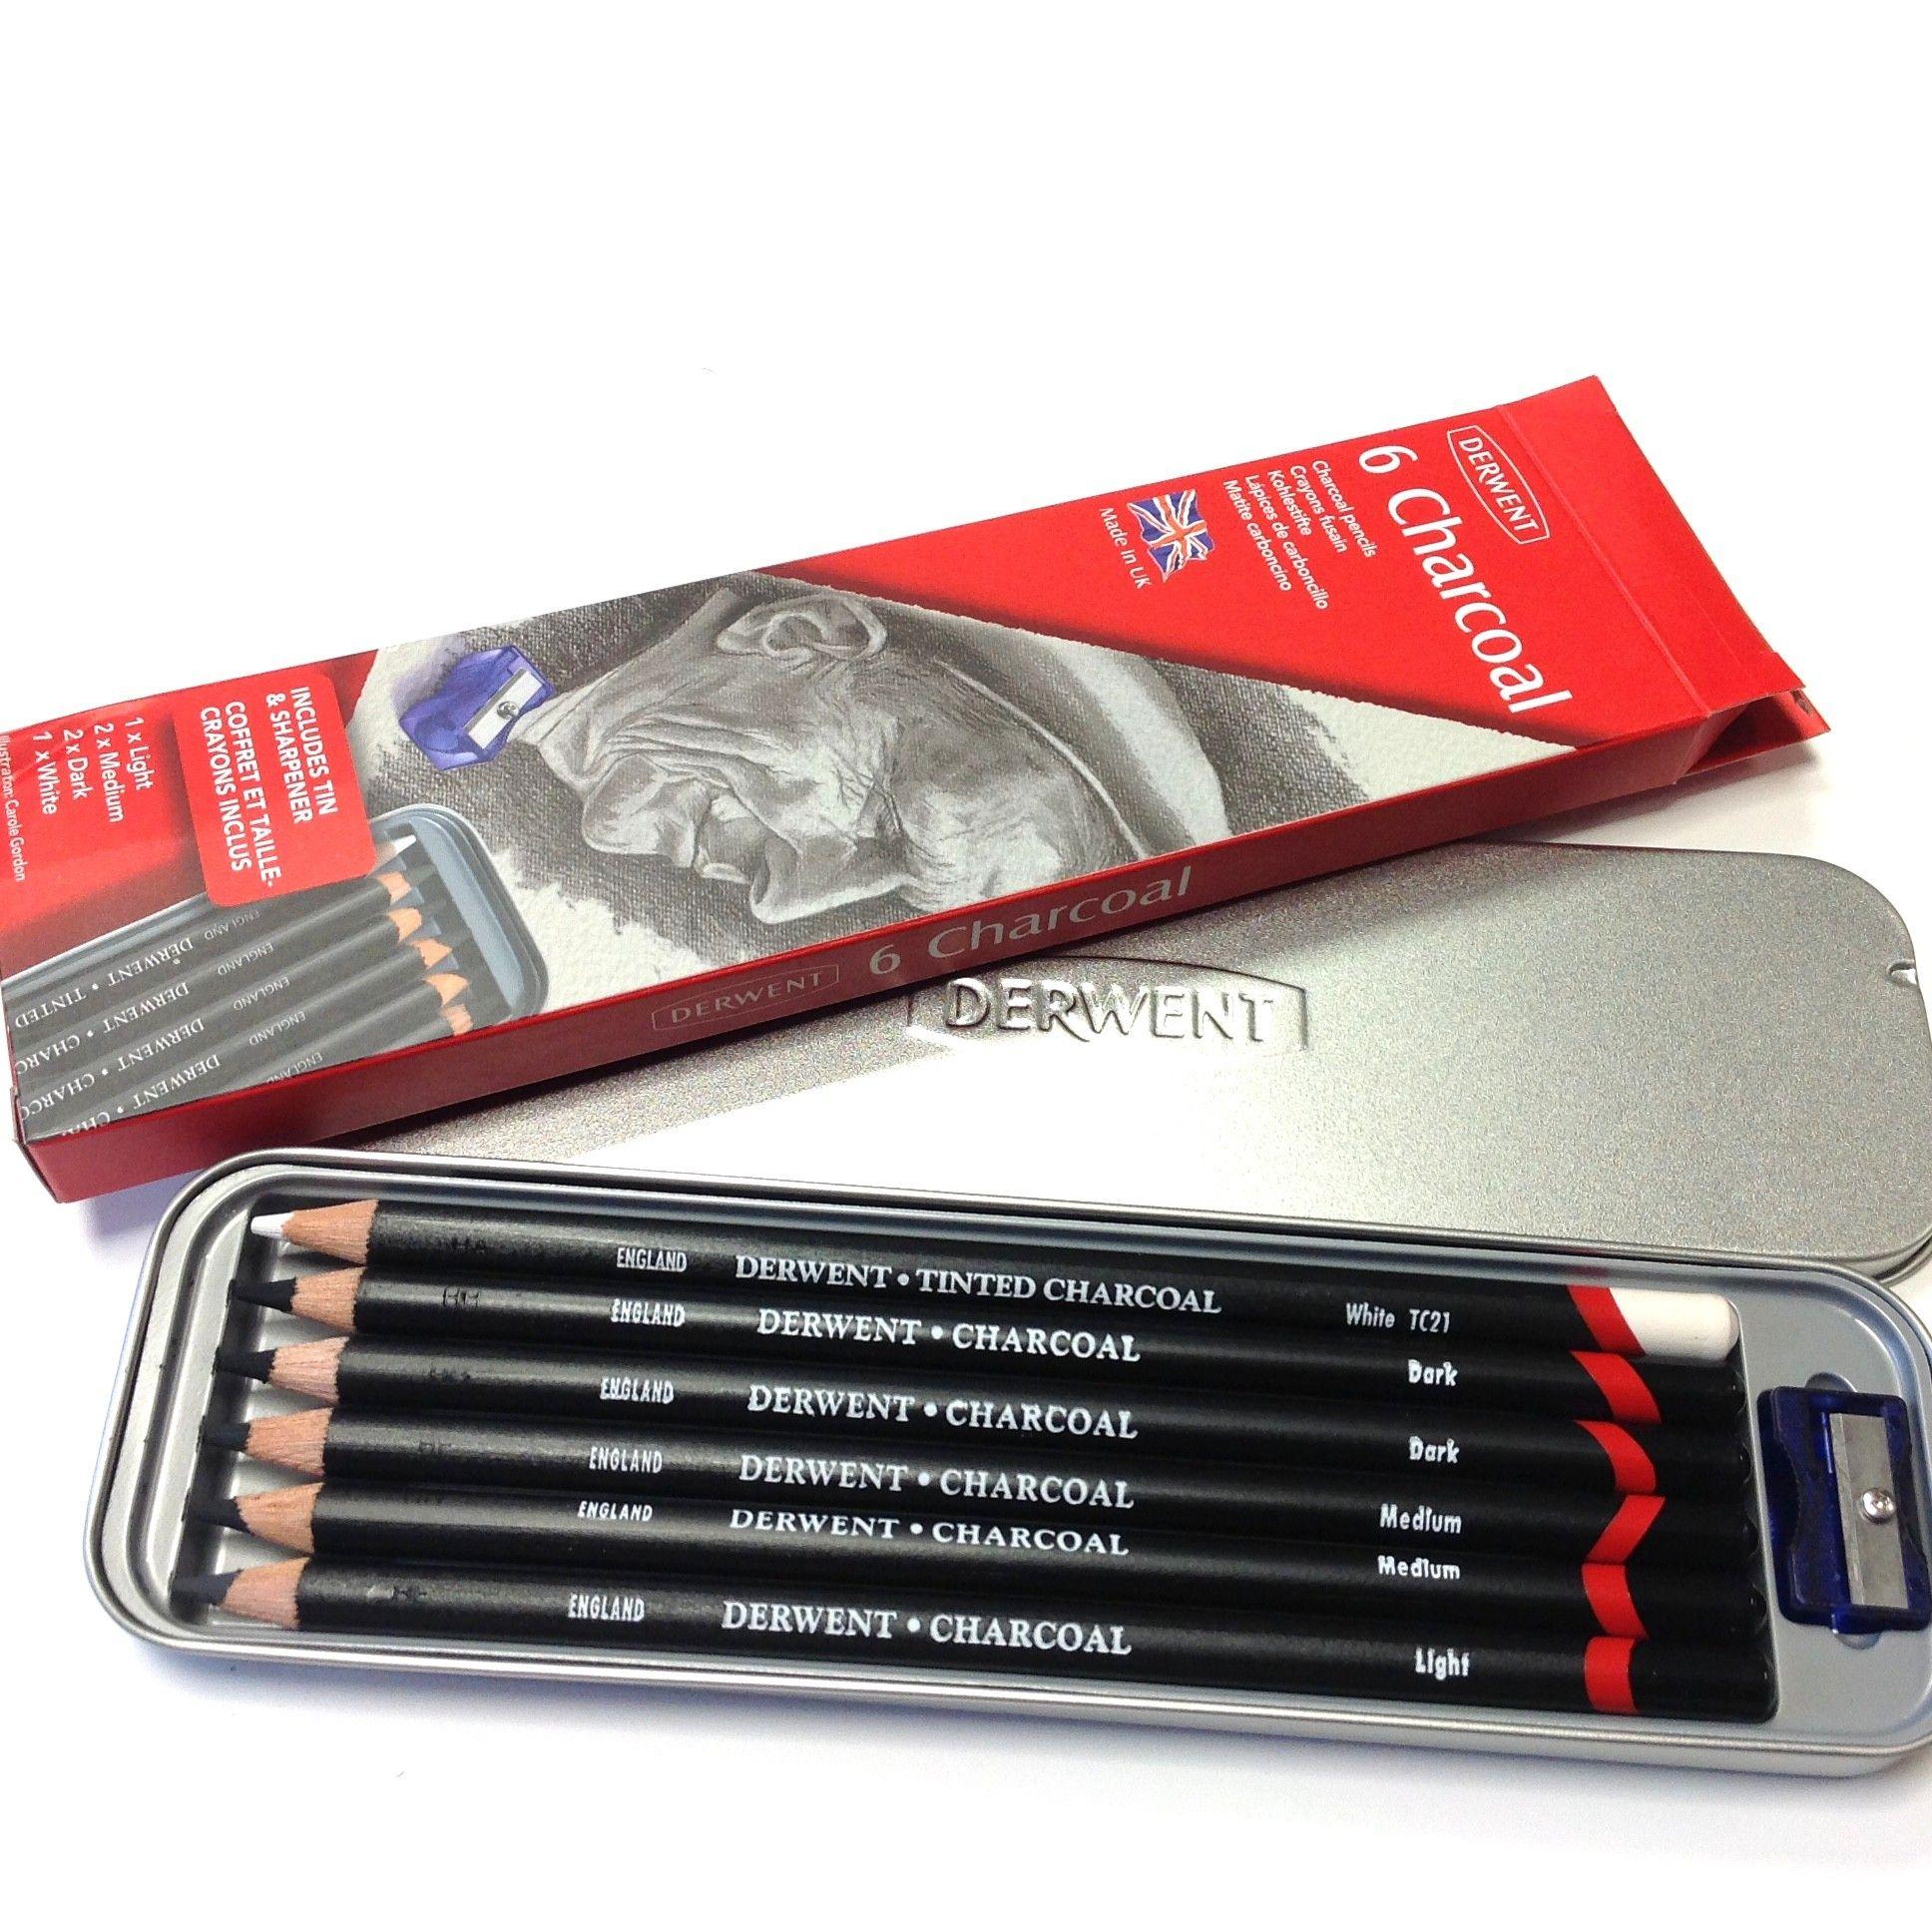 Derwent Tinted Charcoal Pencils Derwent Pencil